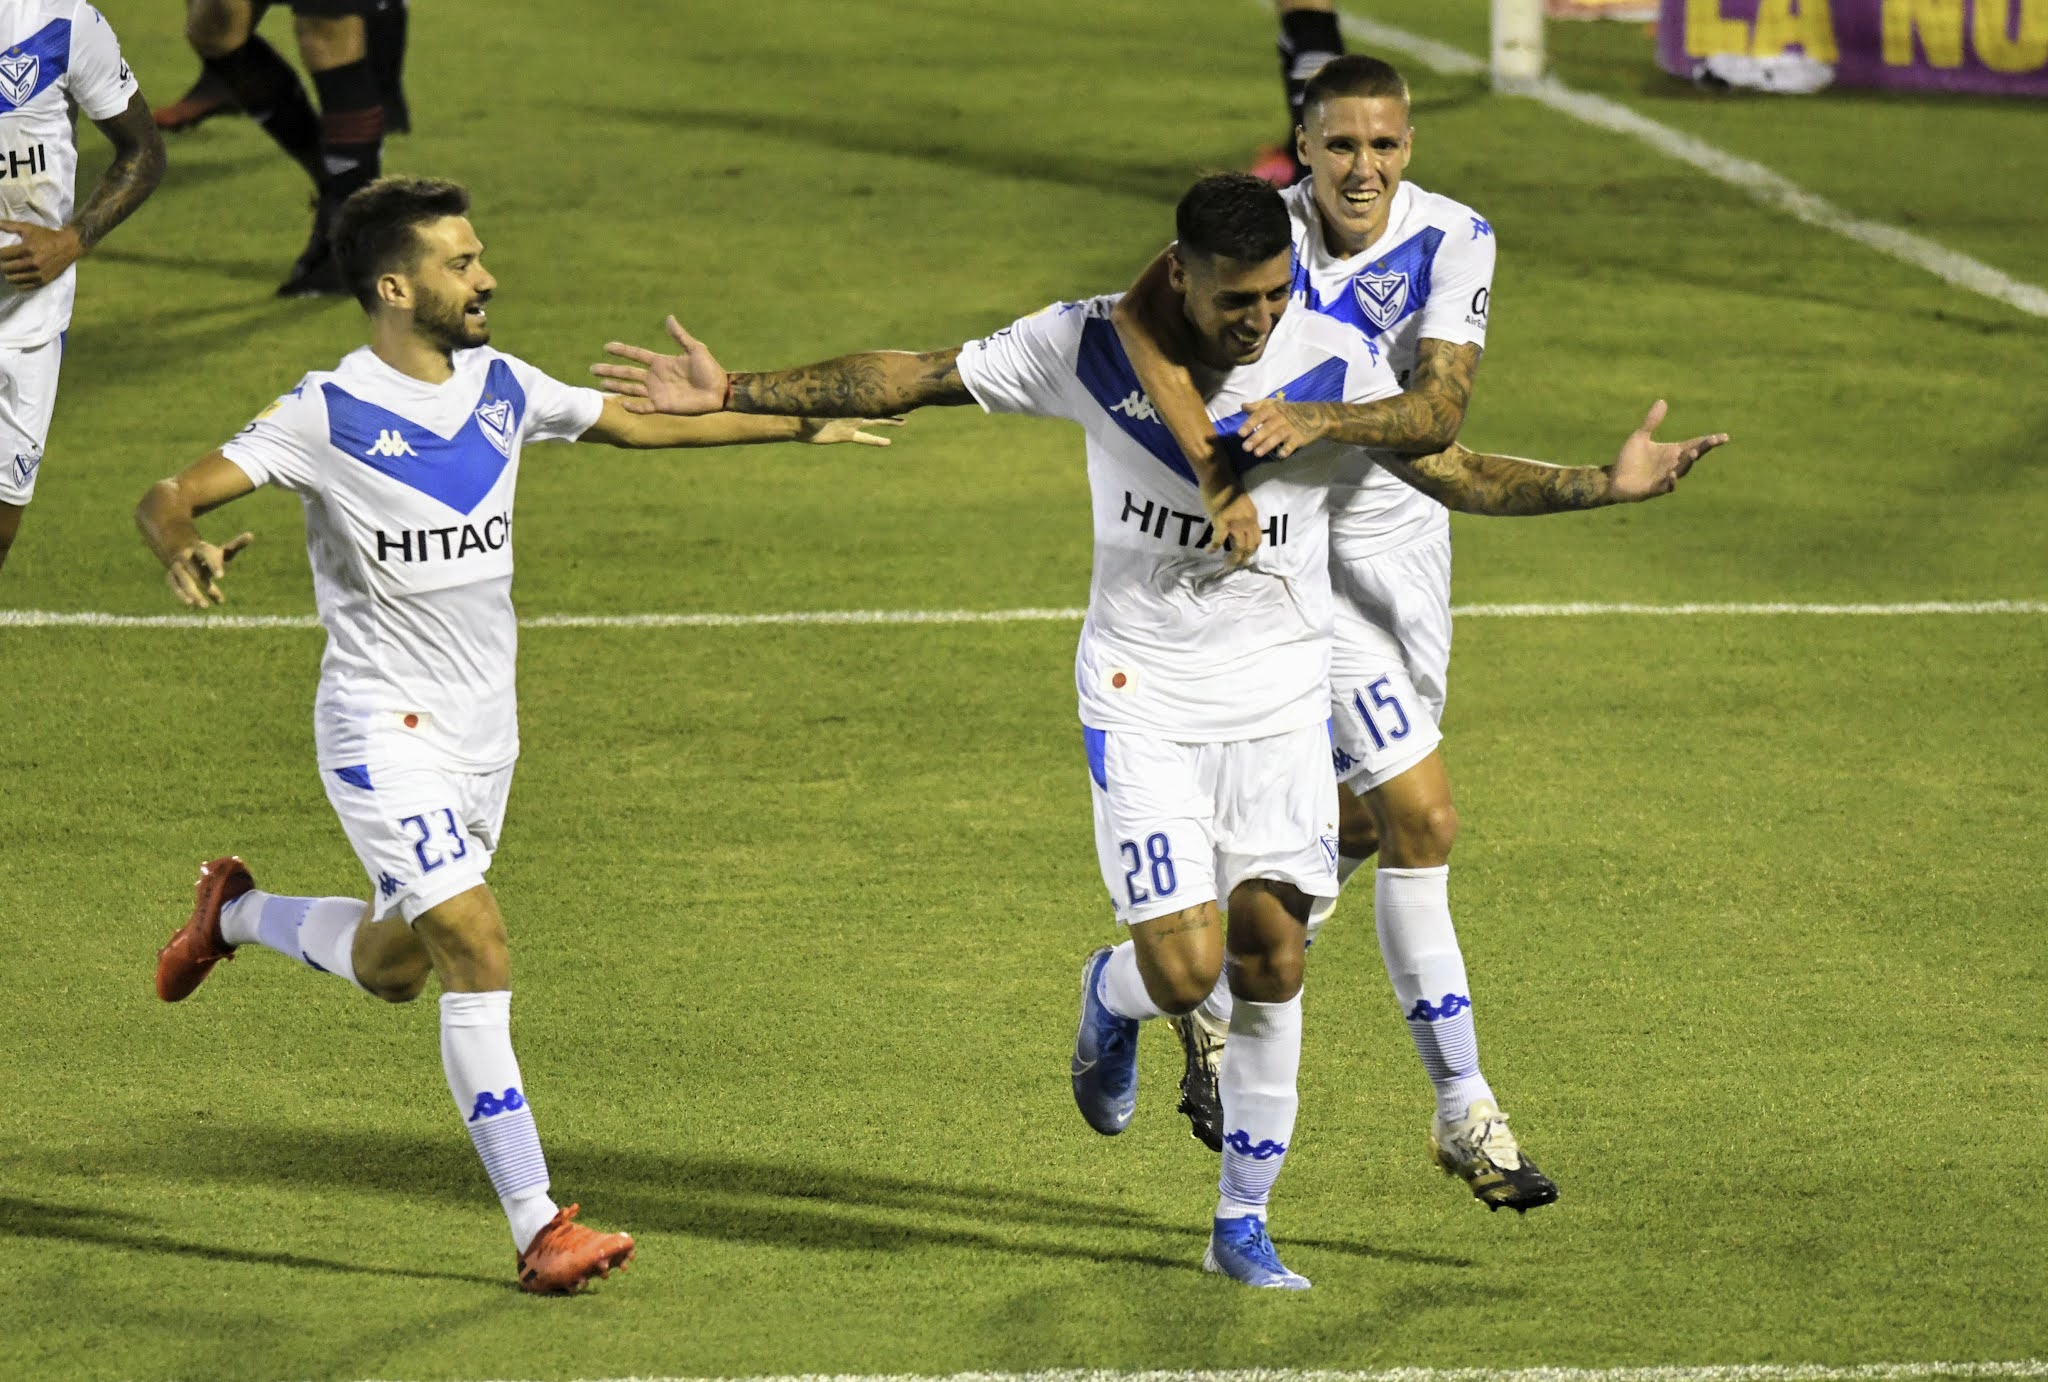 Vélez sorprendió a Newell's en Rosario y lo alcanzó en la punta de la Zona Complementación A